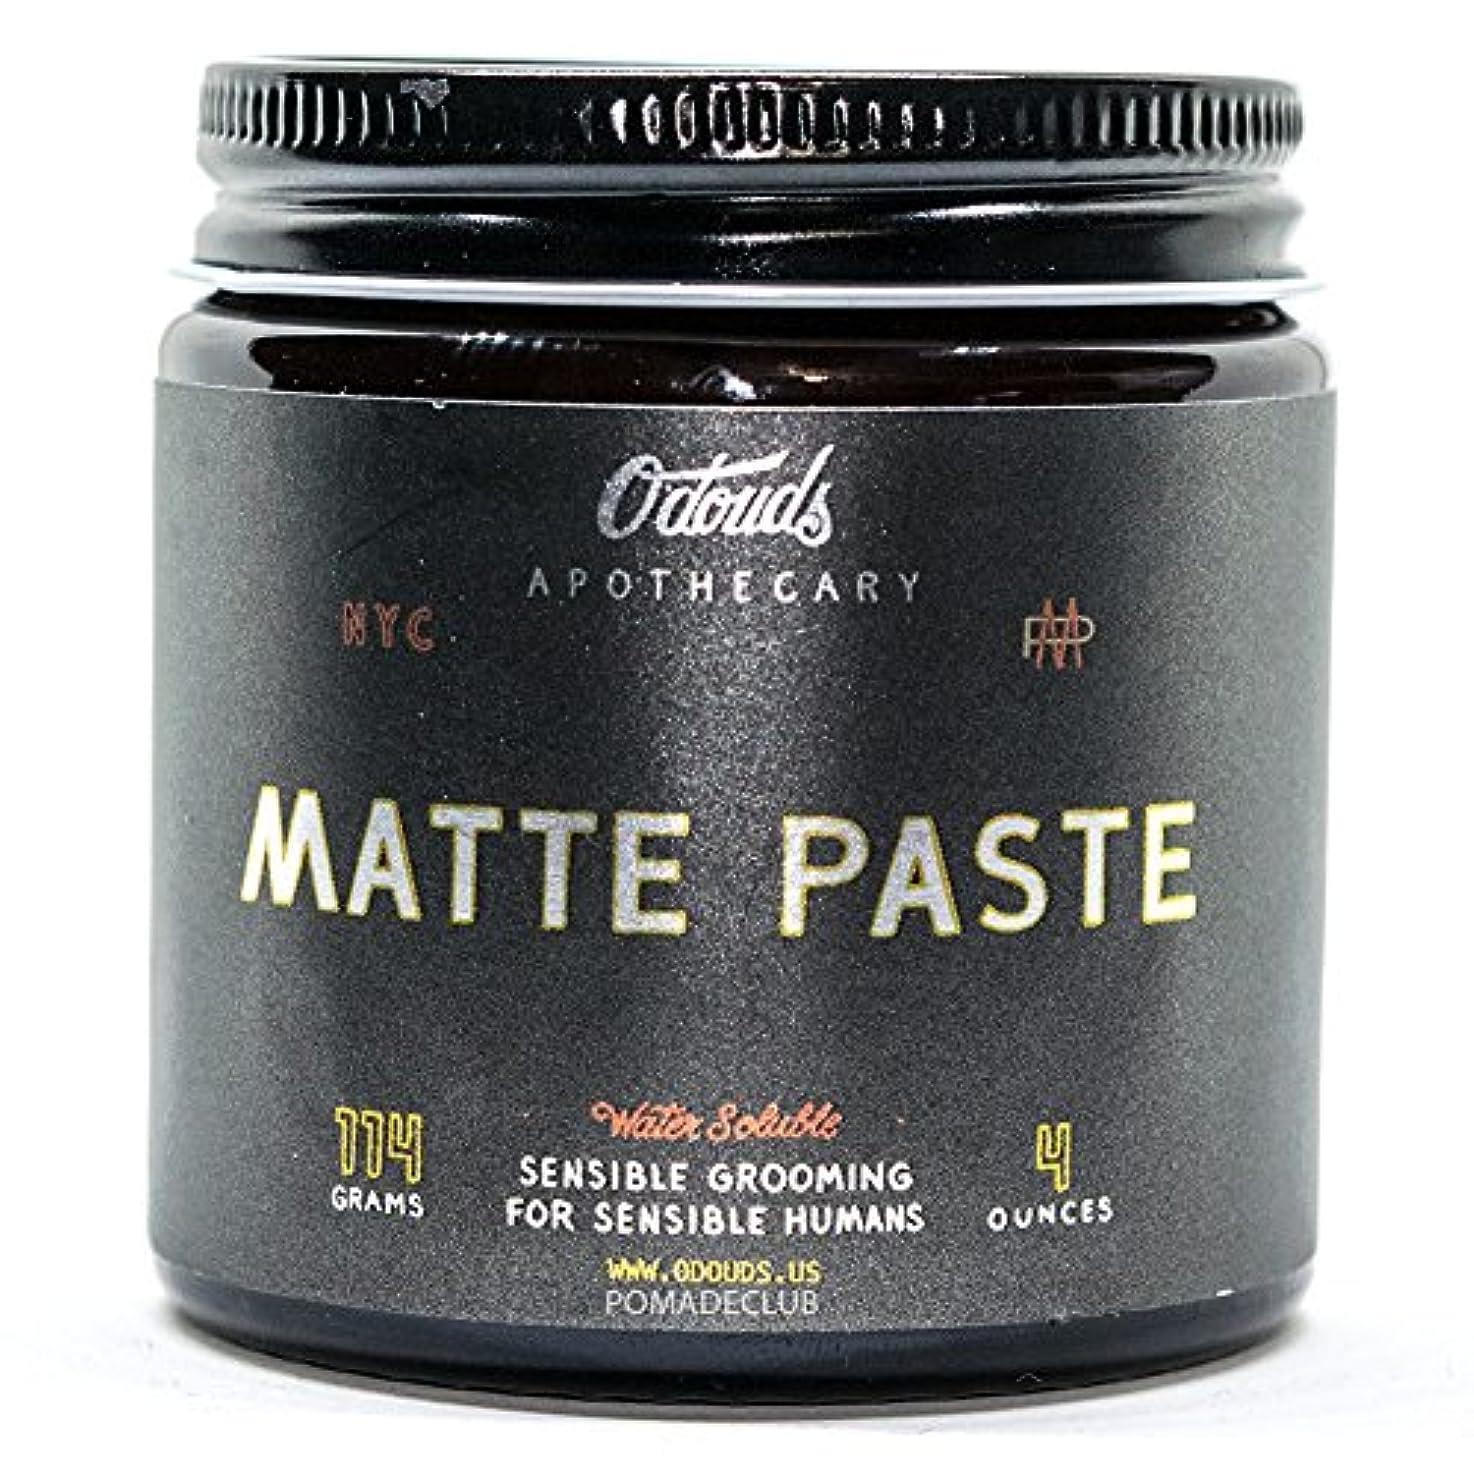 量で電極スクリーチO'Douds (オダウズ) マットペースト MATTE PASTE メンズ 整髪料 水性 ポマード ヘアグリース ヘアワックス クリームタイプ ツヤなし ストロングホールド ヴィーガン